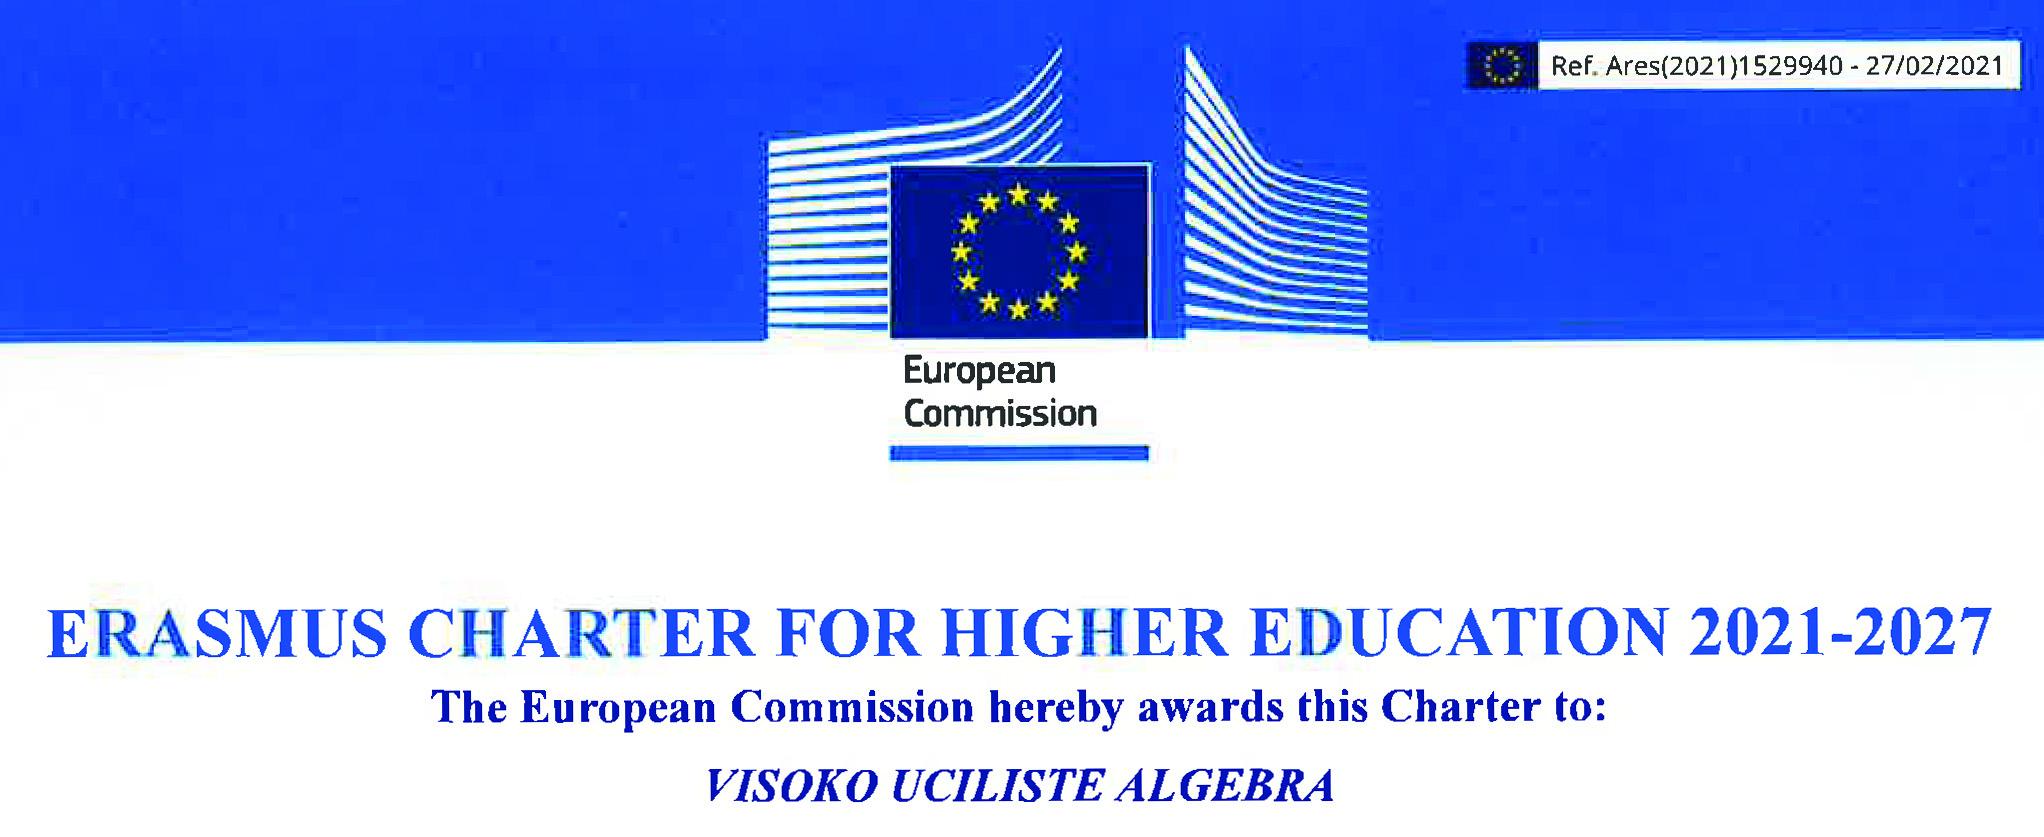 Image for Europska komisija dodijelila je Visokom učilištu Algebra novu Erasmus Povelju u visokom obrazovanju